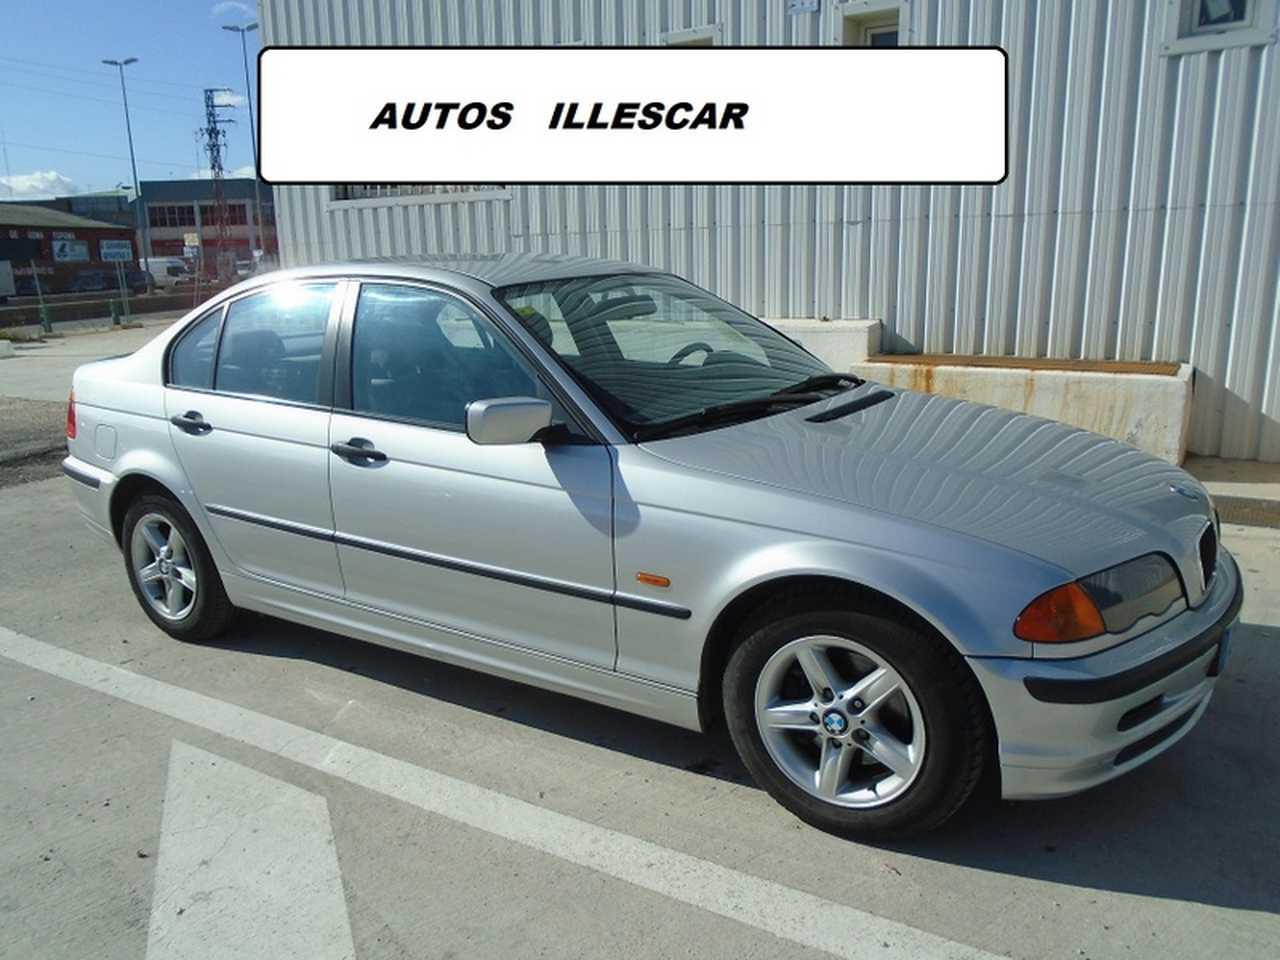 BMW Serie 3 320D    136 CV 1º MATRICULACION 1999  PROCEDENTE DE ALEMANIA   - Foto 1